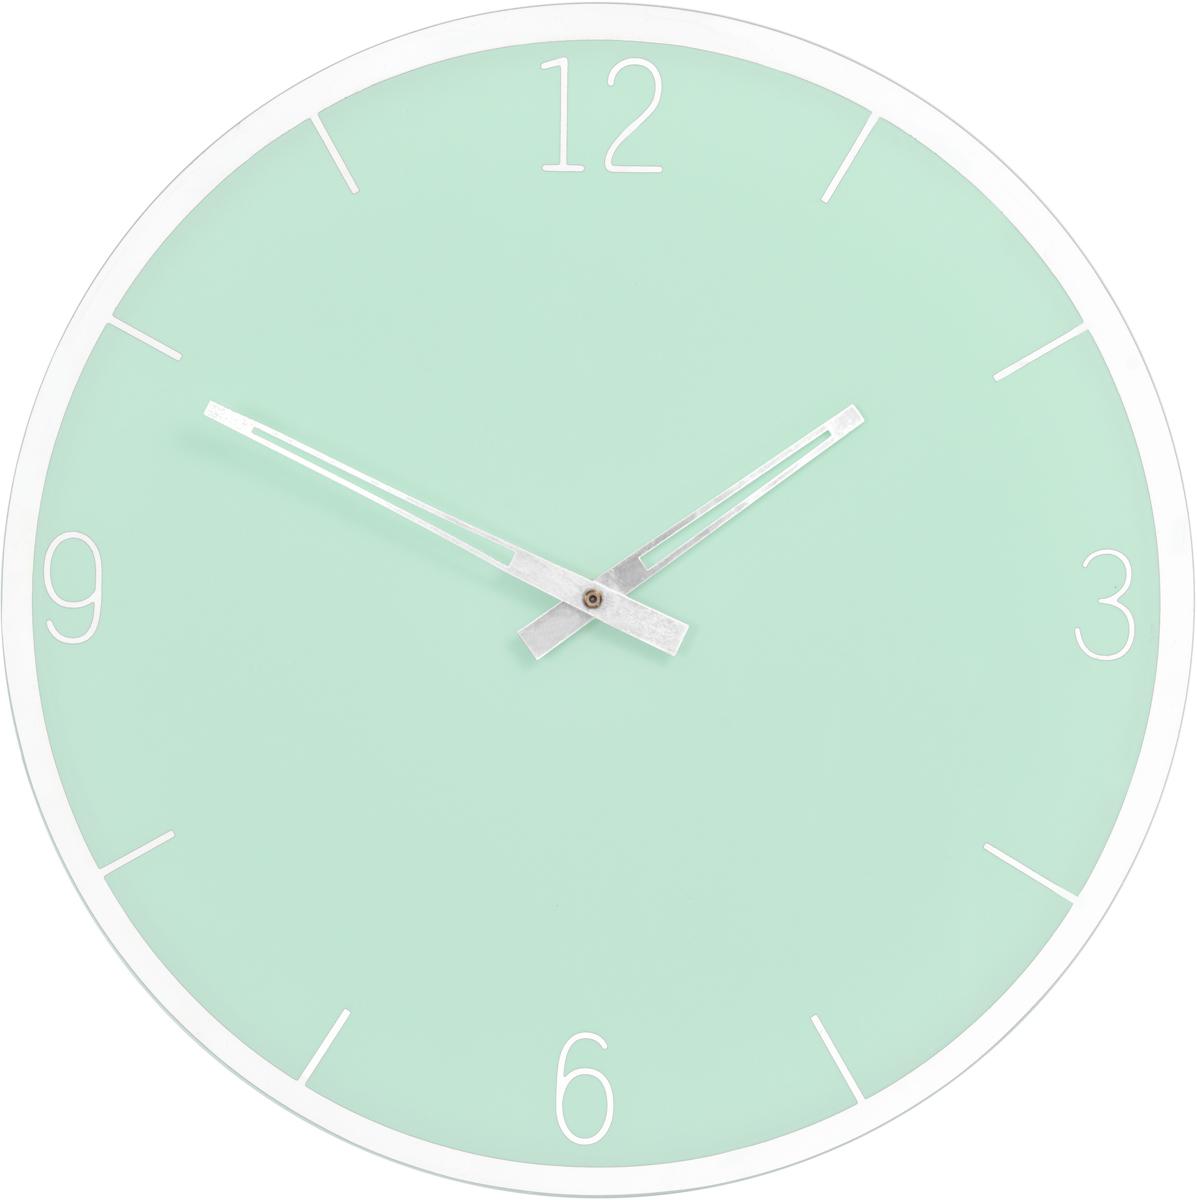 Часы настенные Innova W09654, цвет: зеленый, диаметр 35 см часы настенные innova w09656 цвет белый диаметр 35 см